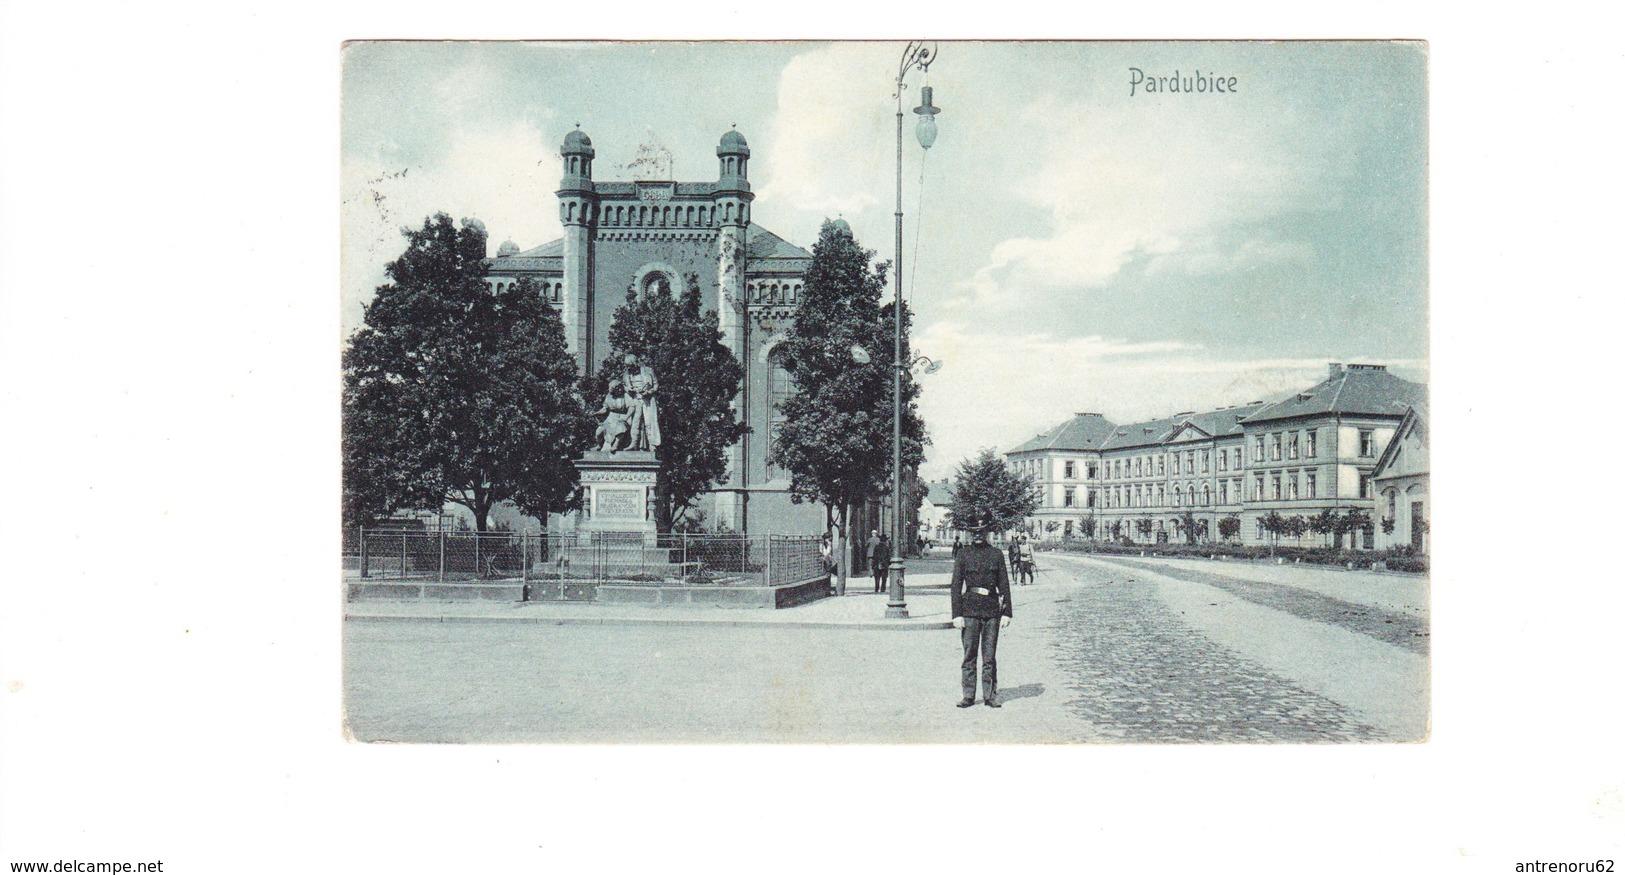 POSTCARD-CZECH-PARDUBICE-SEE-SCAN - Tchéquie